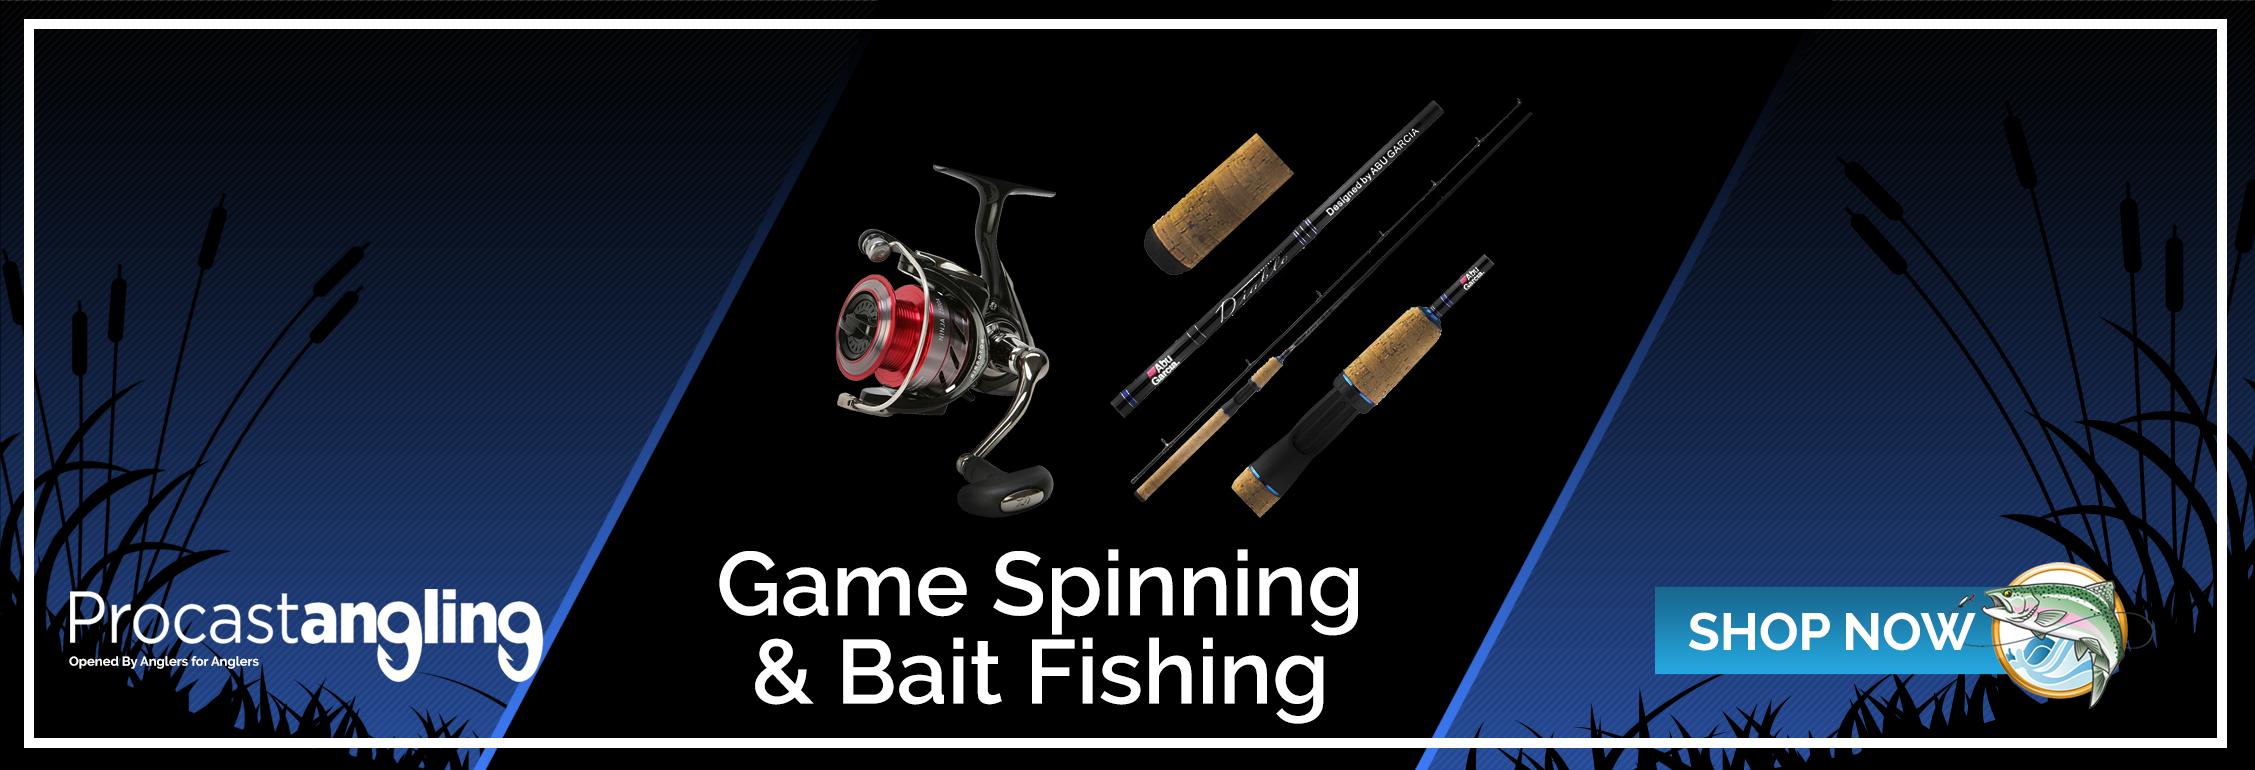 GAME SPINNING & BAIT FISHING